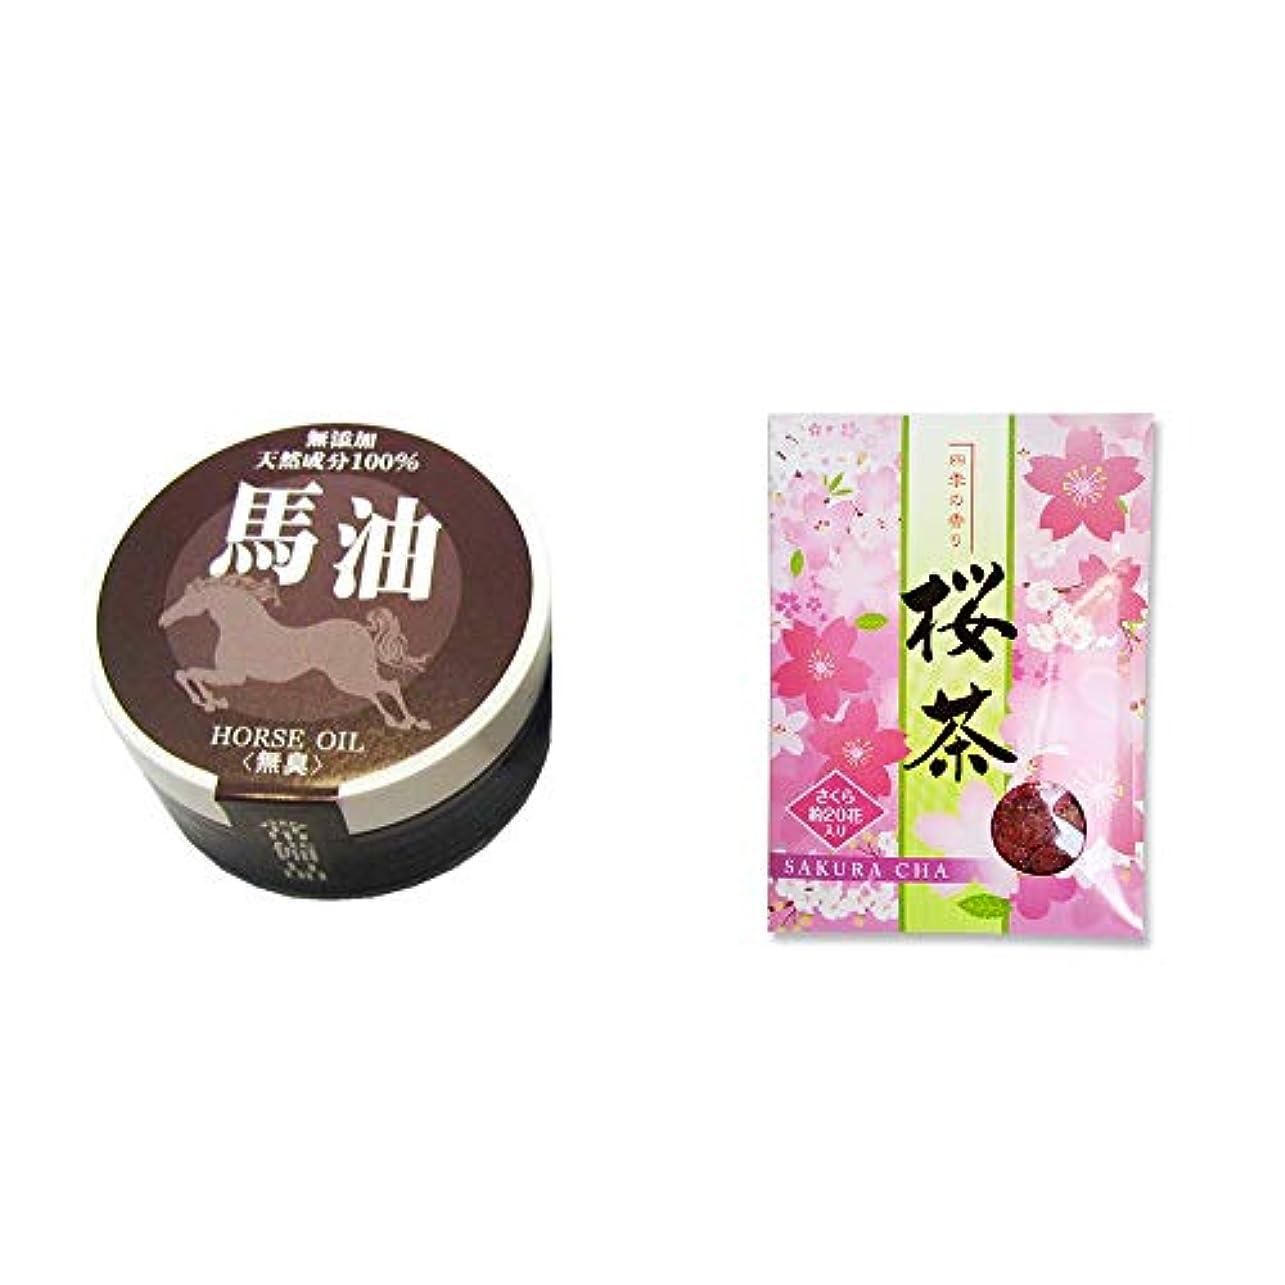 反逆不当無効[2点セット] 無添加天然成分100% 馬油[無香料](38g)?桜茶(40g)